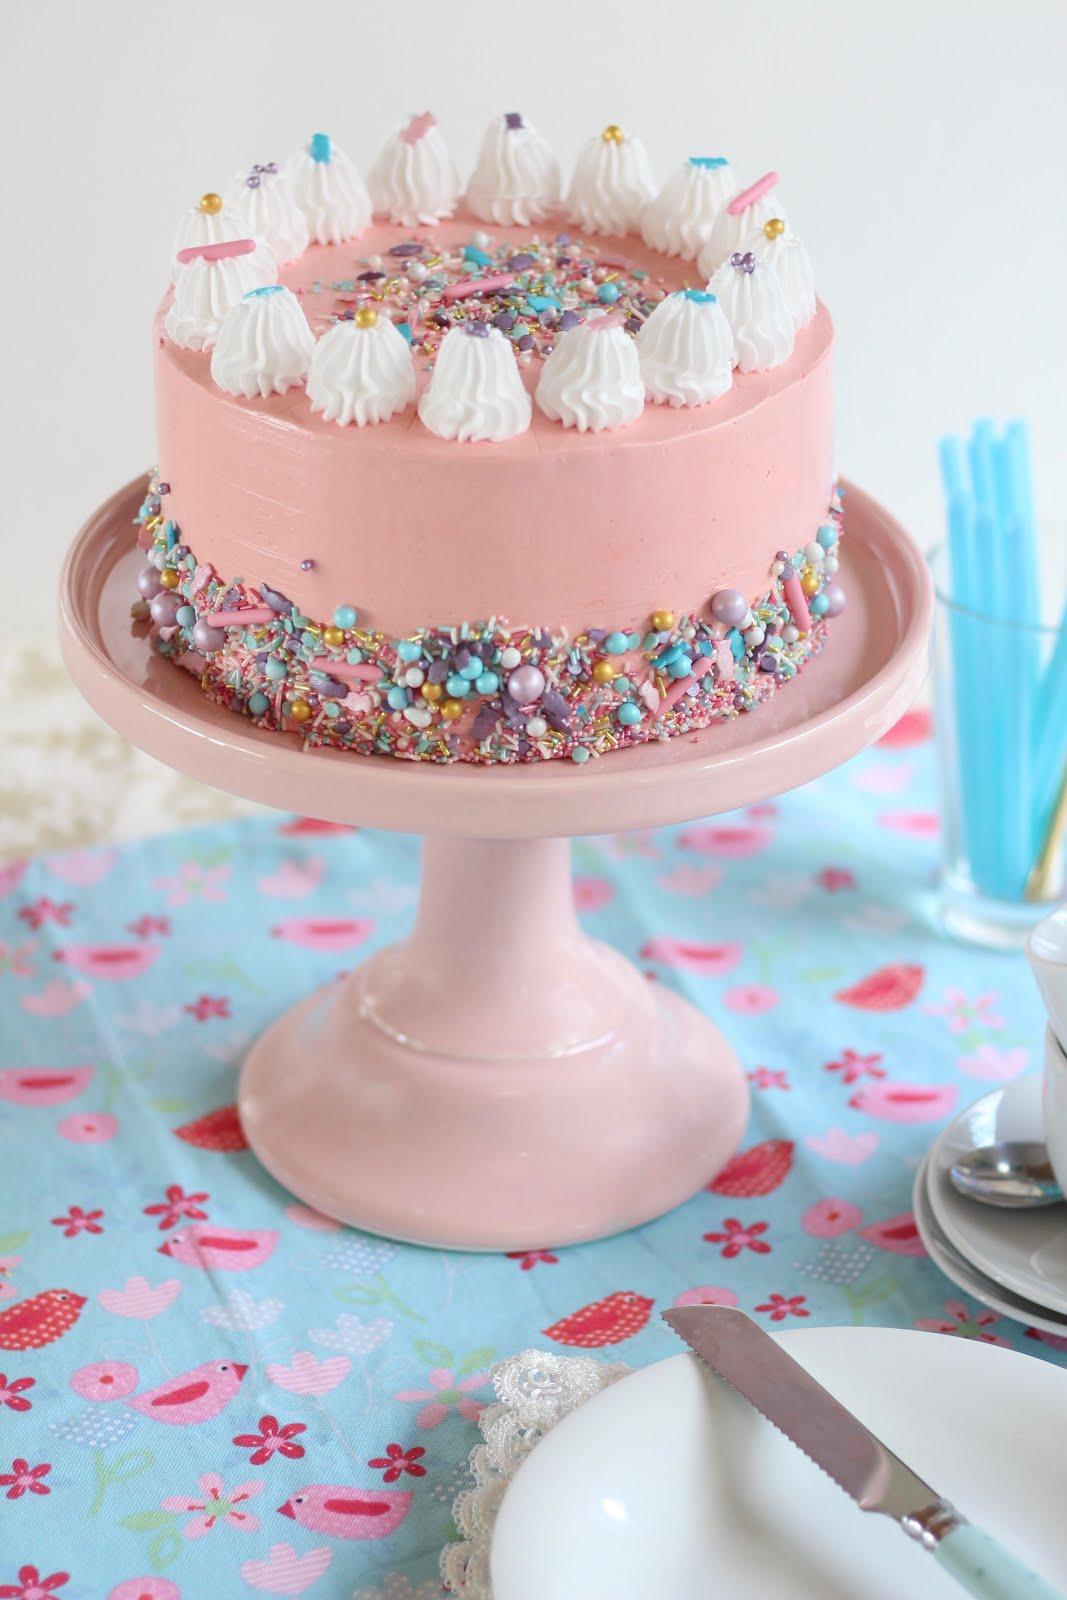 Wunderhübsche amerikanische Konfetti-Geburtstagstorte | Video und Rezept von Sugarprincess